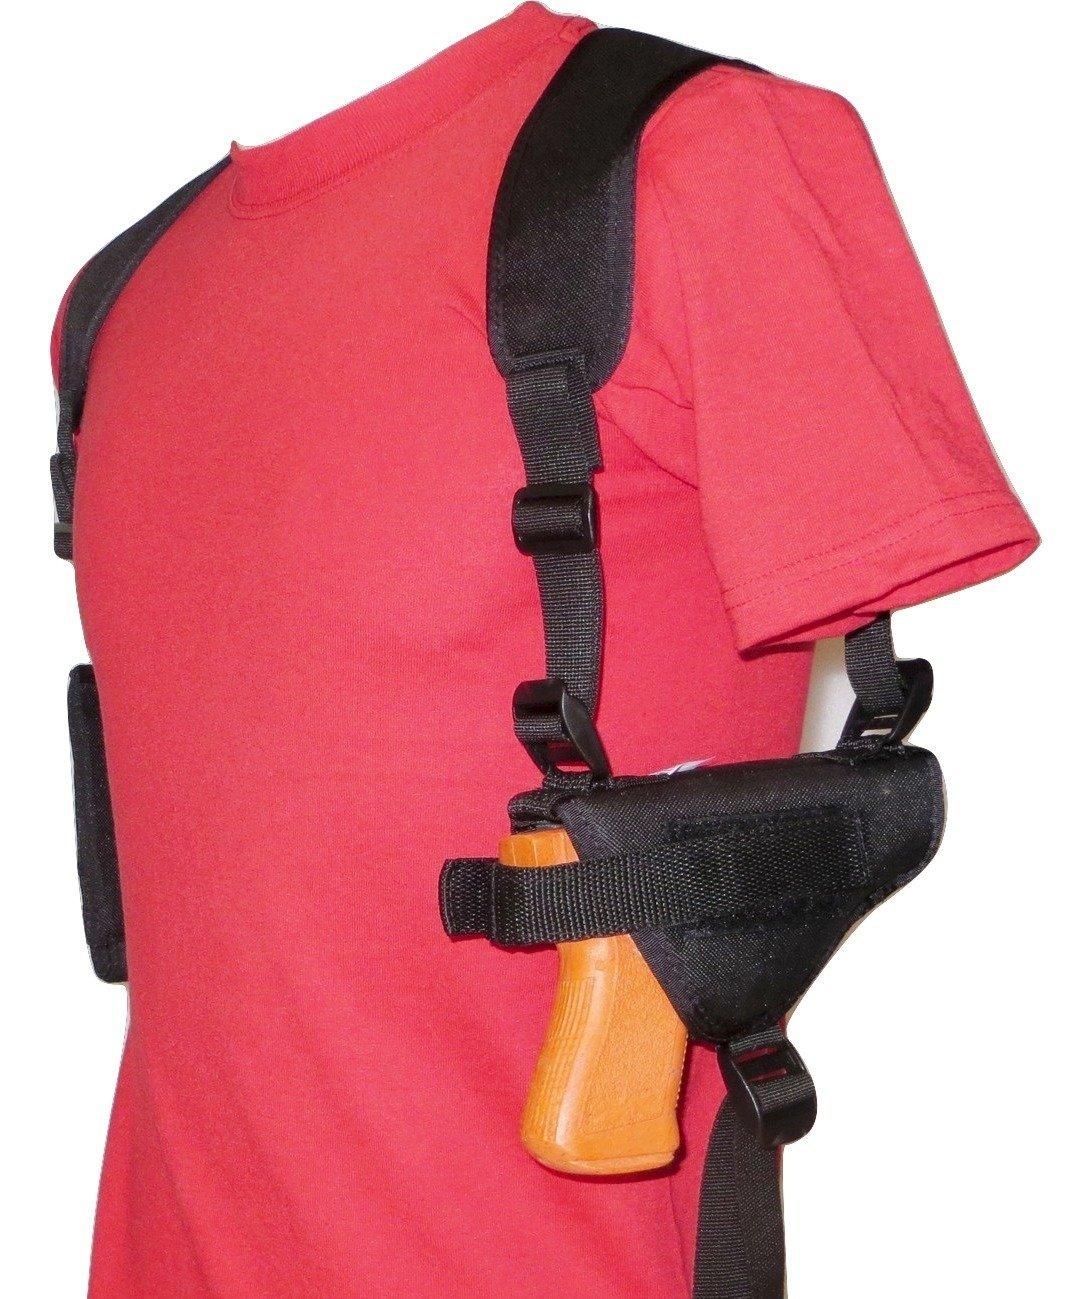 Shoulder Holster For Millenium G2 Pt111 Pt140 Dbl Taurus Millennium 9mm Schematics Mag Pouch Sports Outdoors